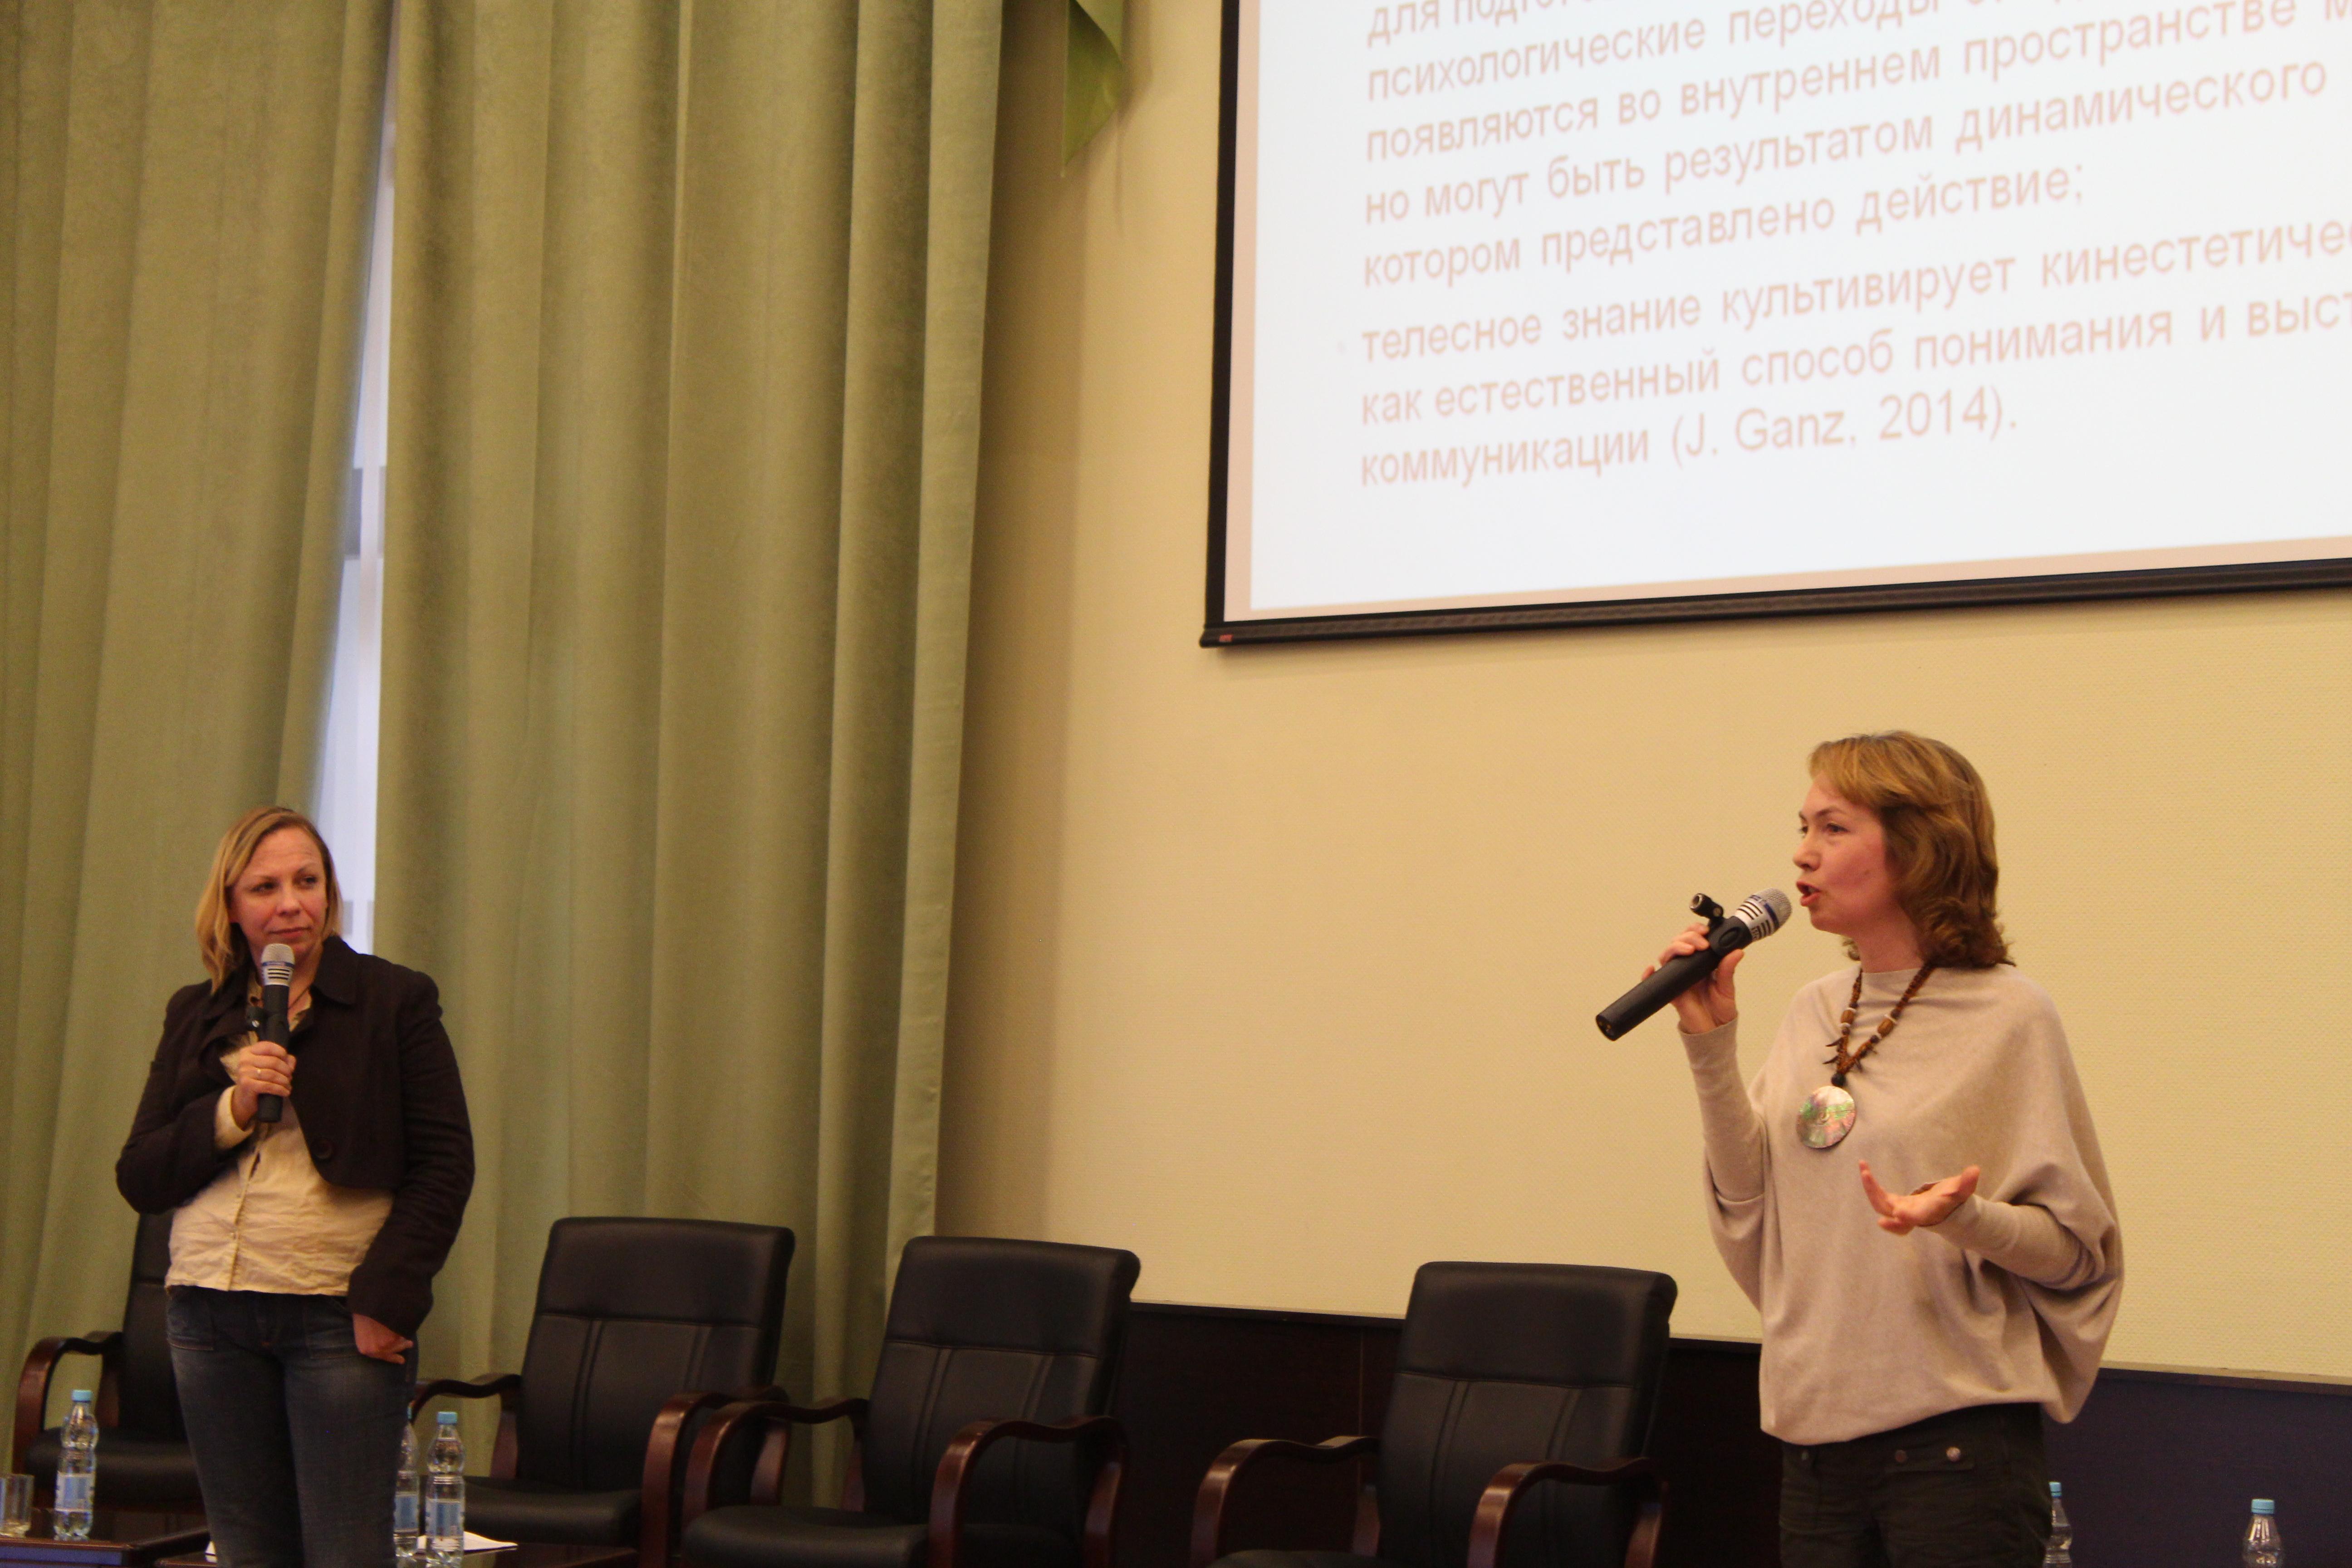 Елена Буренкова и Елена Котеленко